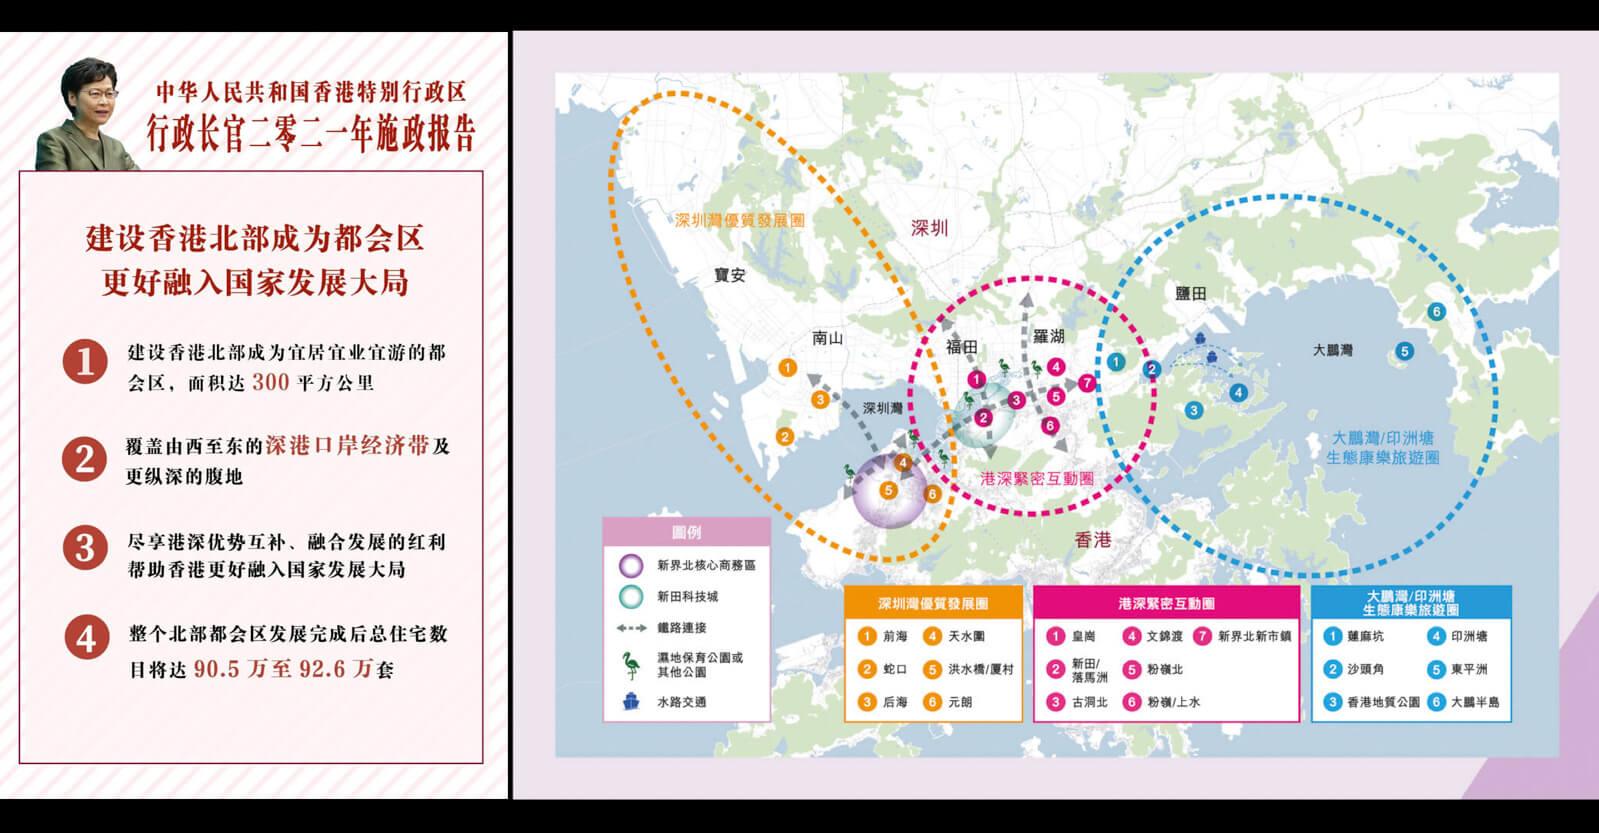 香港「北部都会区発展策略」発表:深センとの境界に巨大な新都市を建設へ